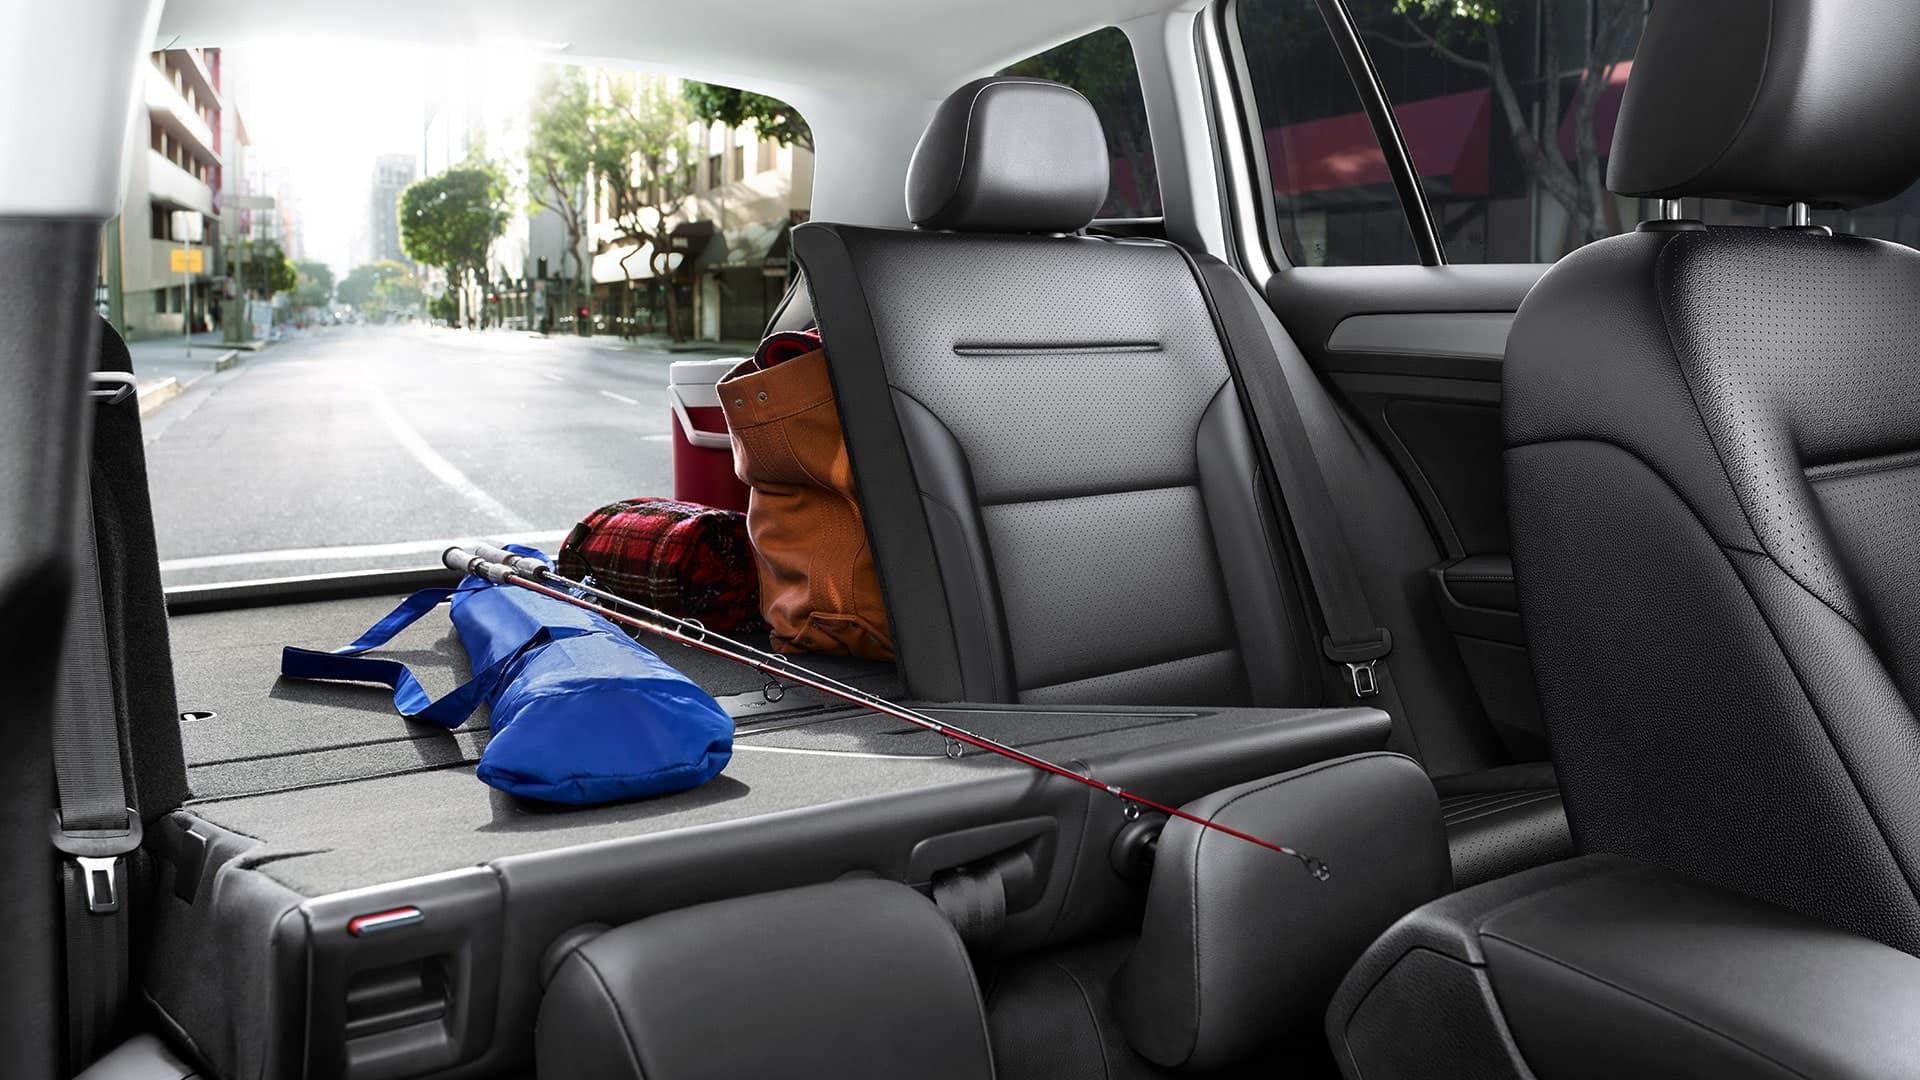 2019 VW Golf SportWagen cargo